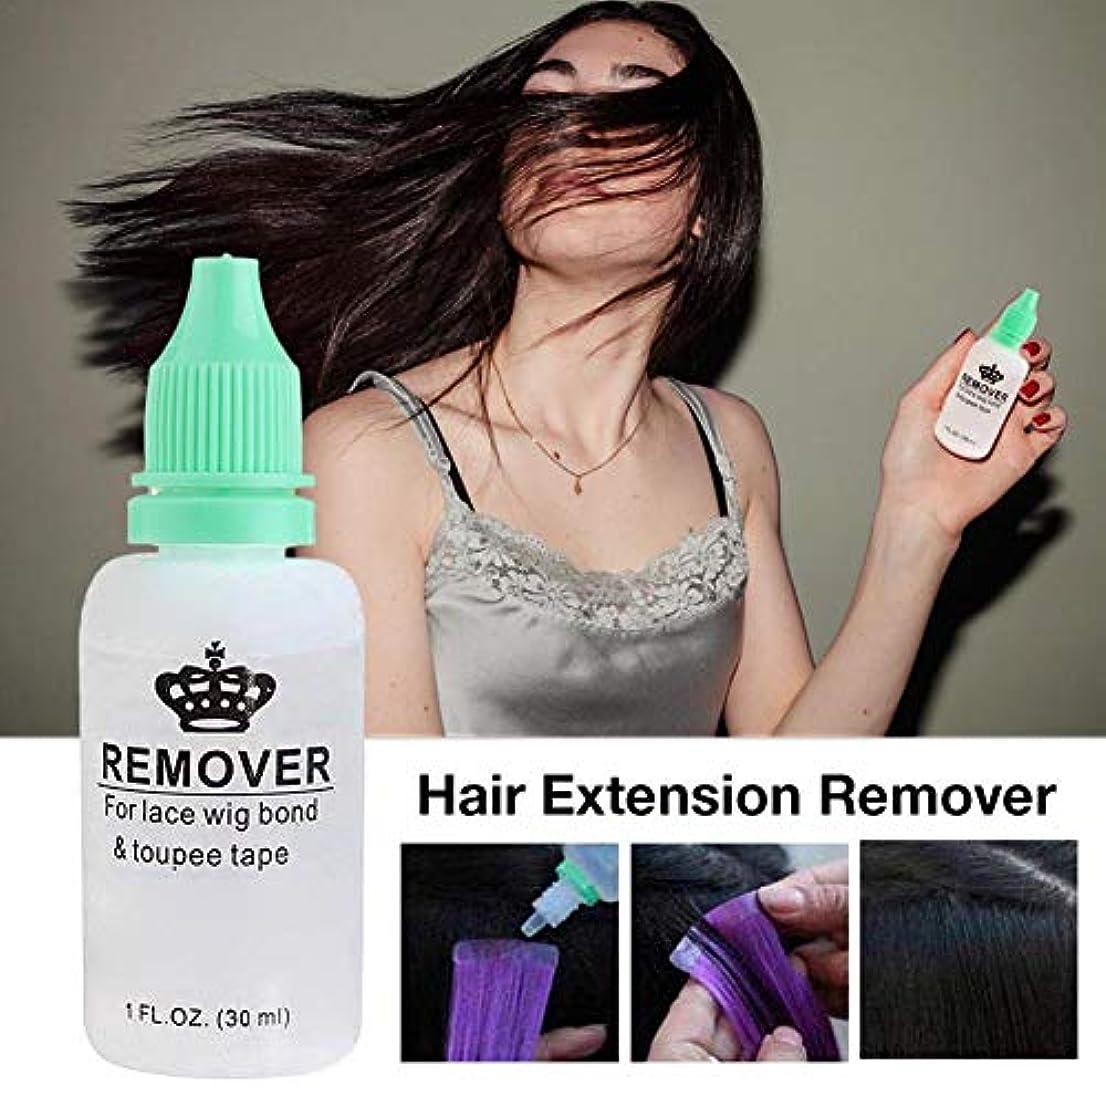 前進漏斗ピクニック毛のりの除去剤、レースのかつらのToupeeの皮のよこ糸のテープのための極度の毛の付着力の除去剤の接着剤の除去剤のびん